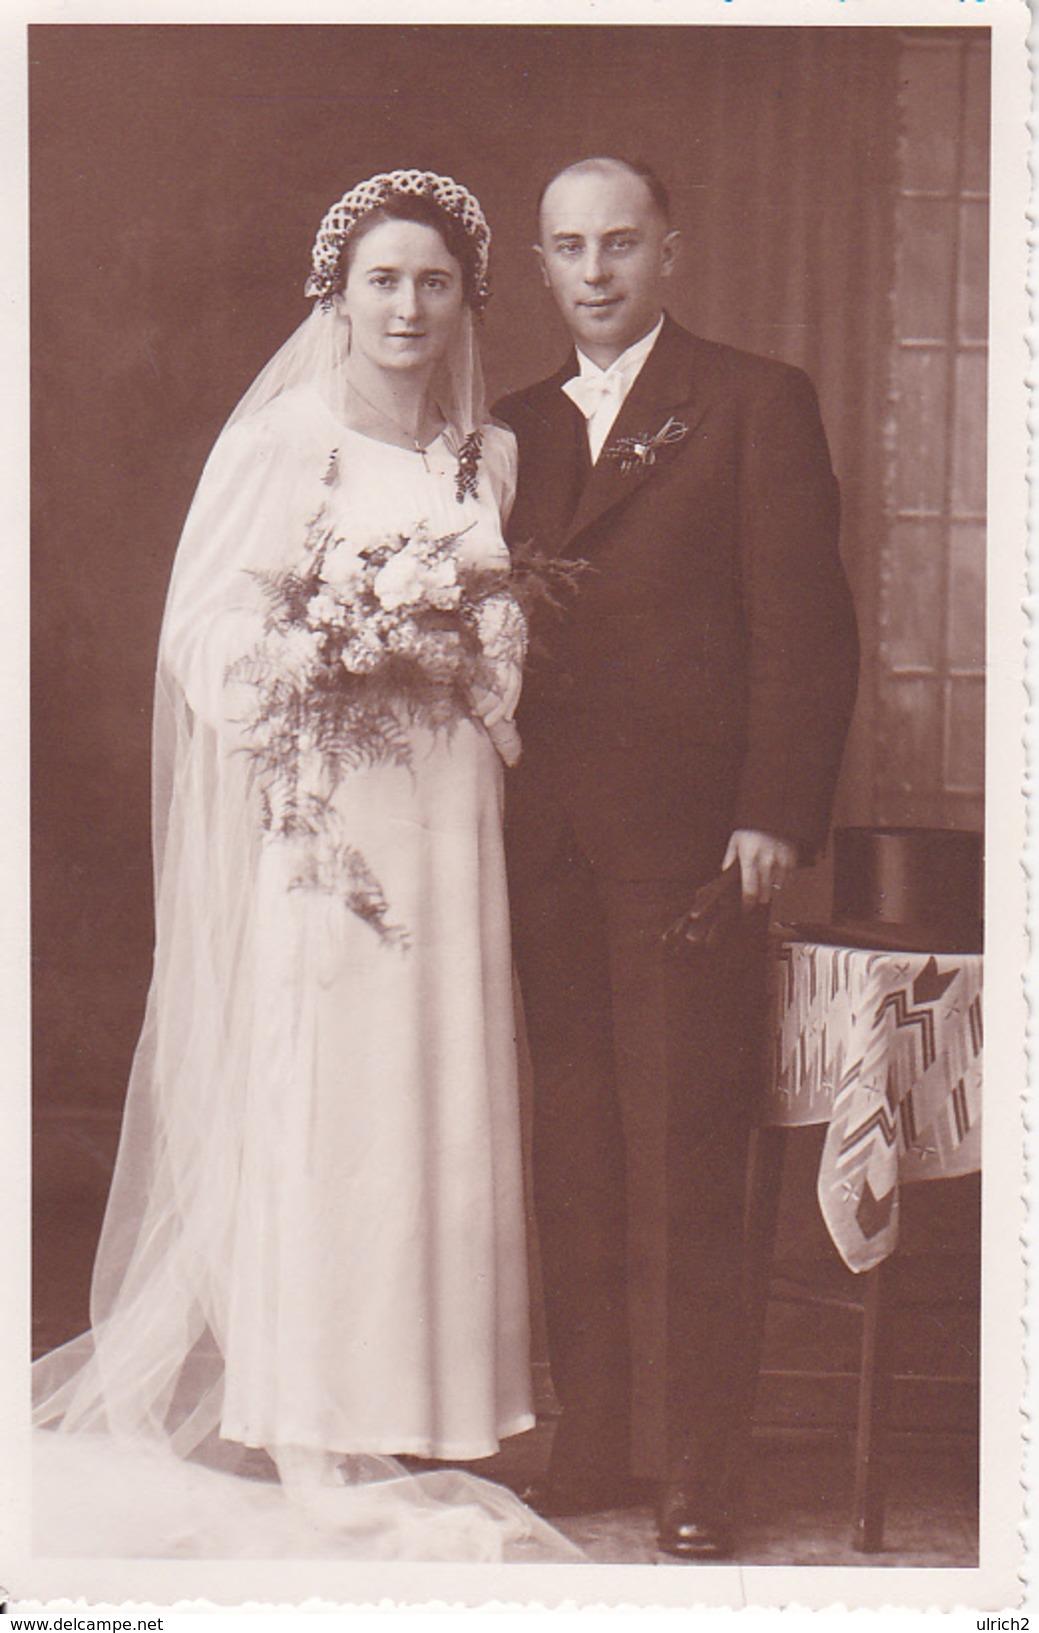 AK Foto Brautpaar - Hochzeit - Hermeskeil - Ca. 1920/30 (26352) - Hochzeiten